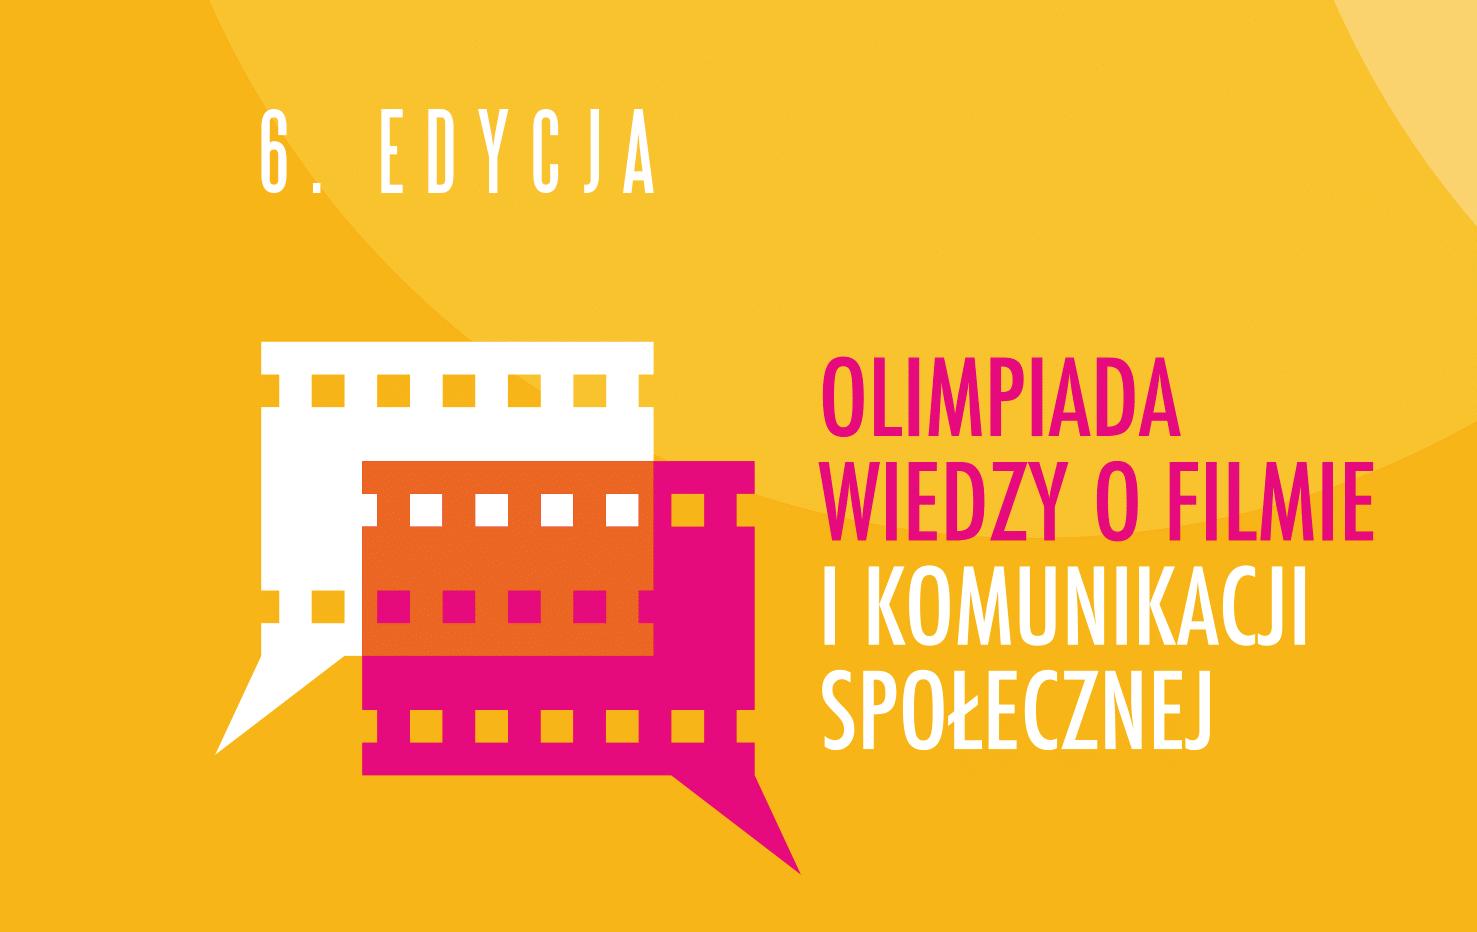 Olimpiada Wiedzy o Filmie i Komunikacji Społecznej 2021